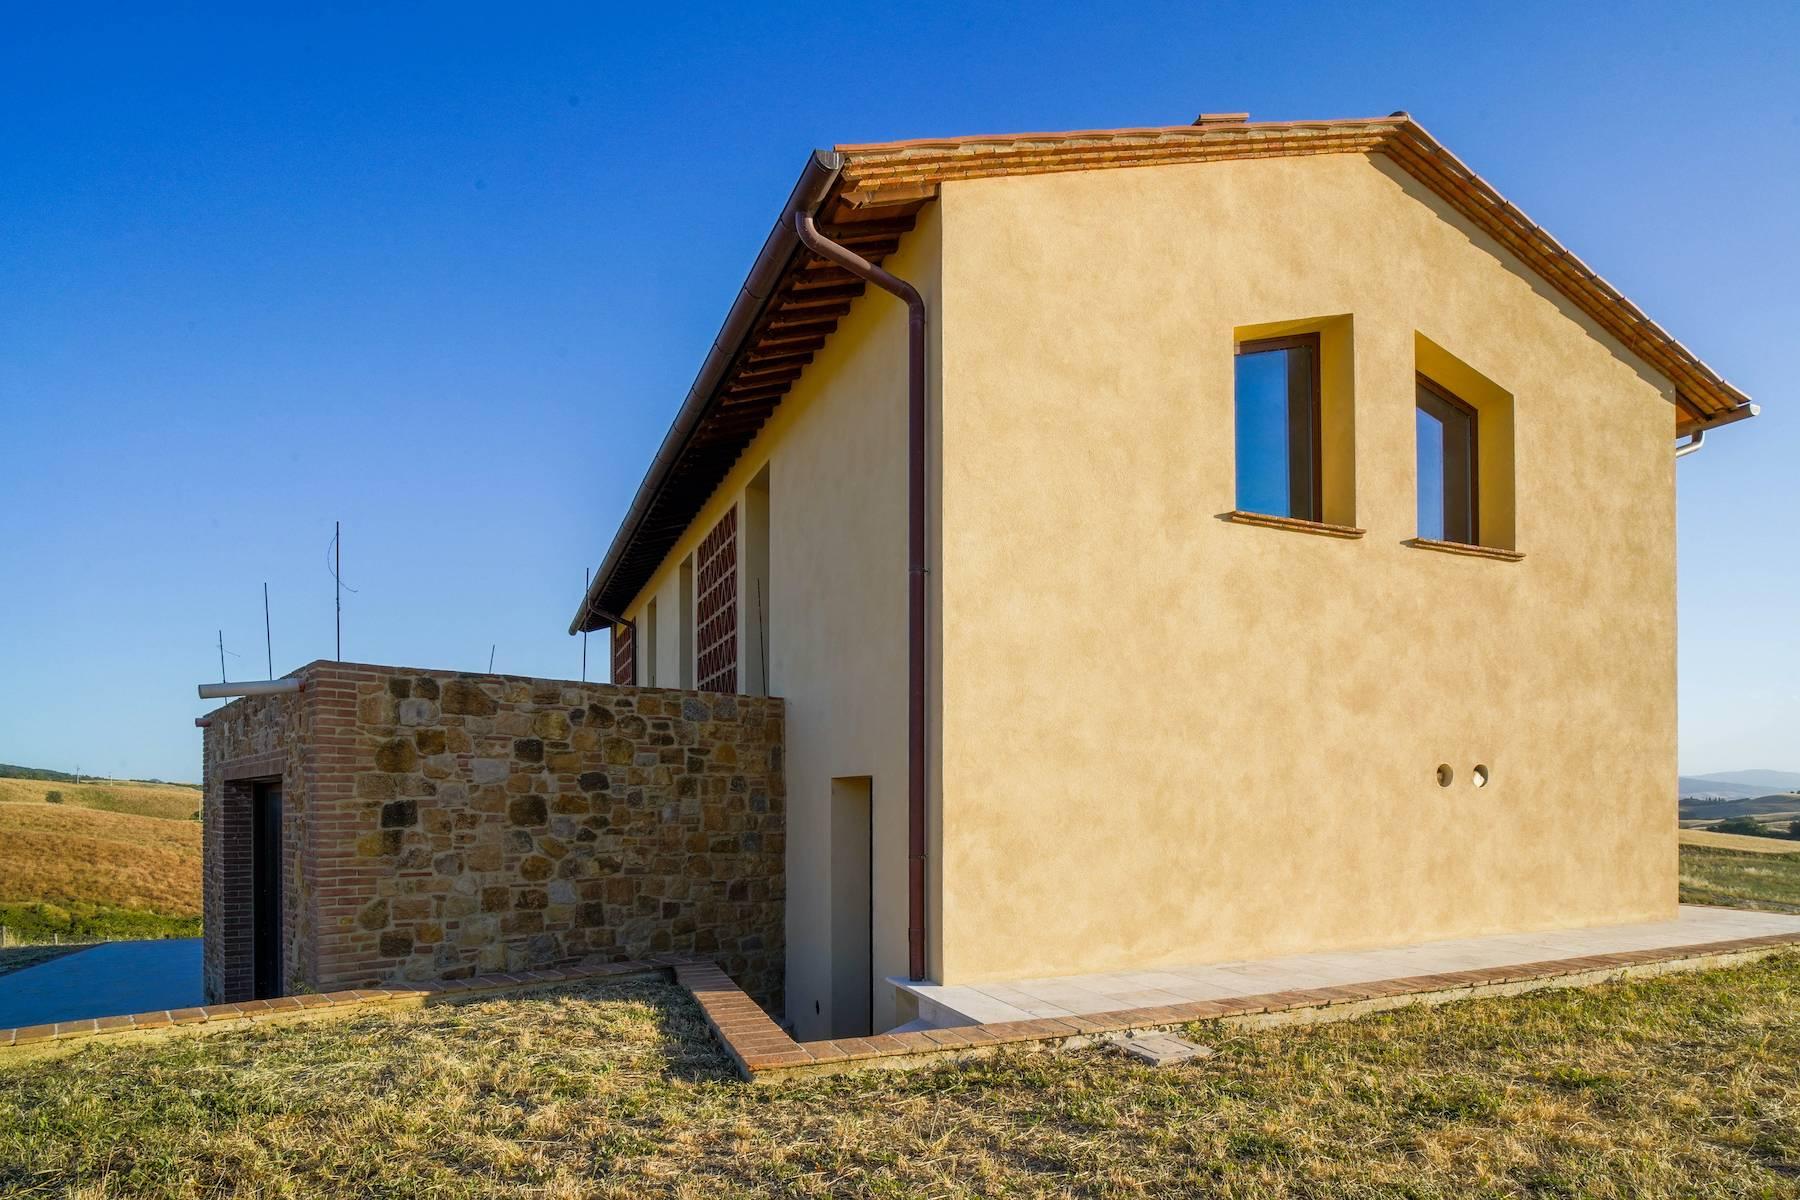 Rustico in Vendita a Montaione: 5 locali, 250 mq - Foto 3